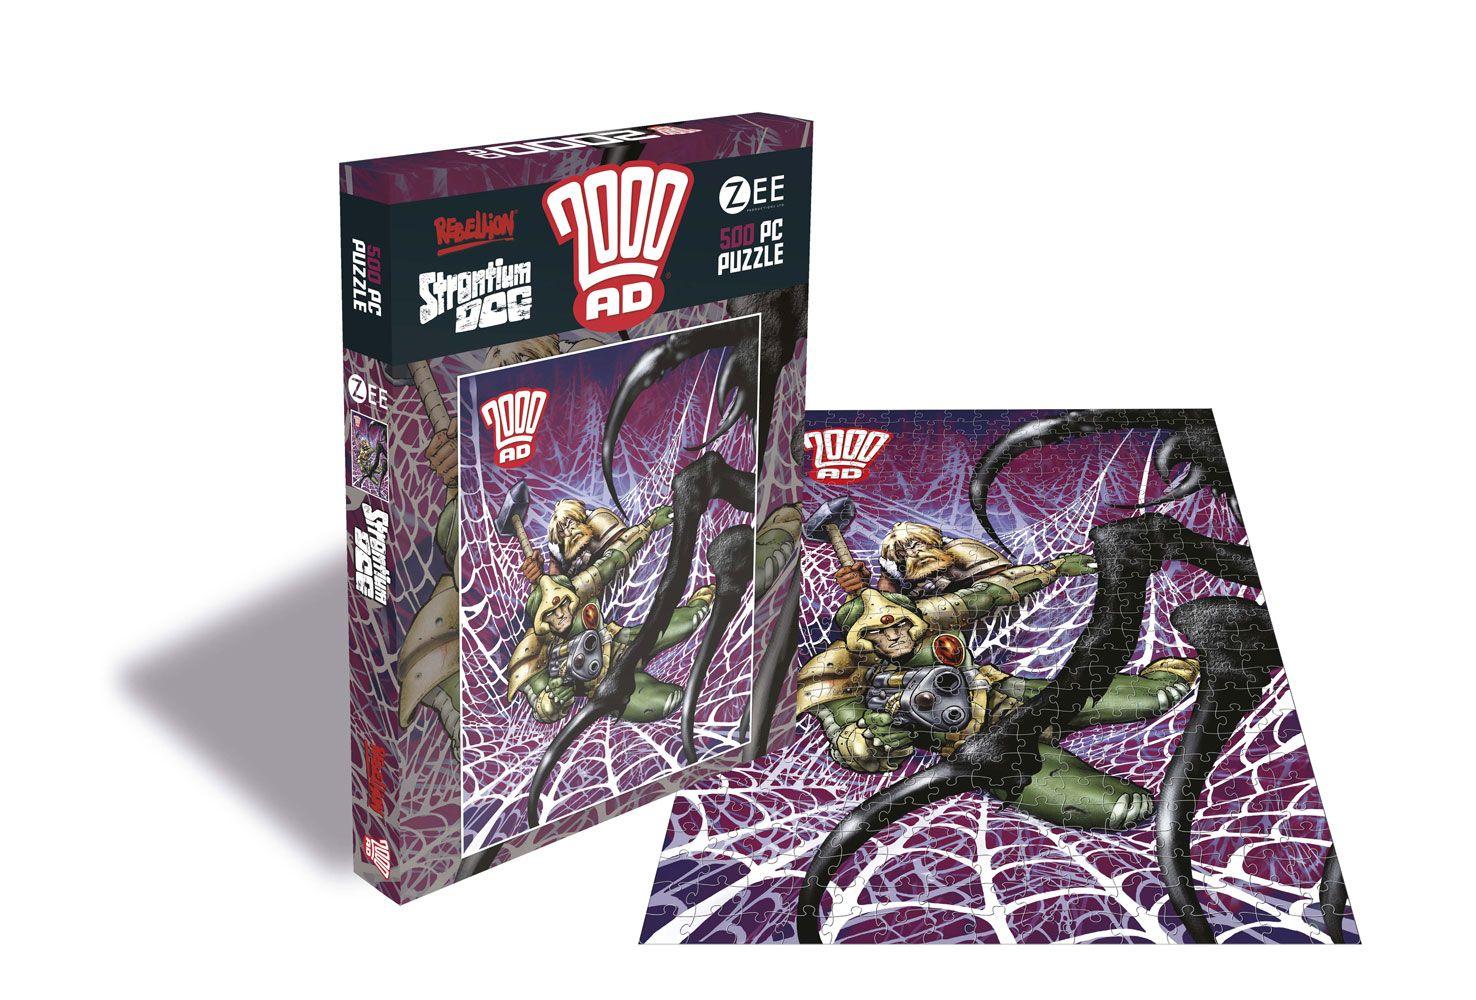 2000 AD Puzzle Strontium Dog